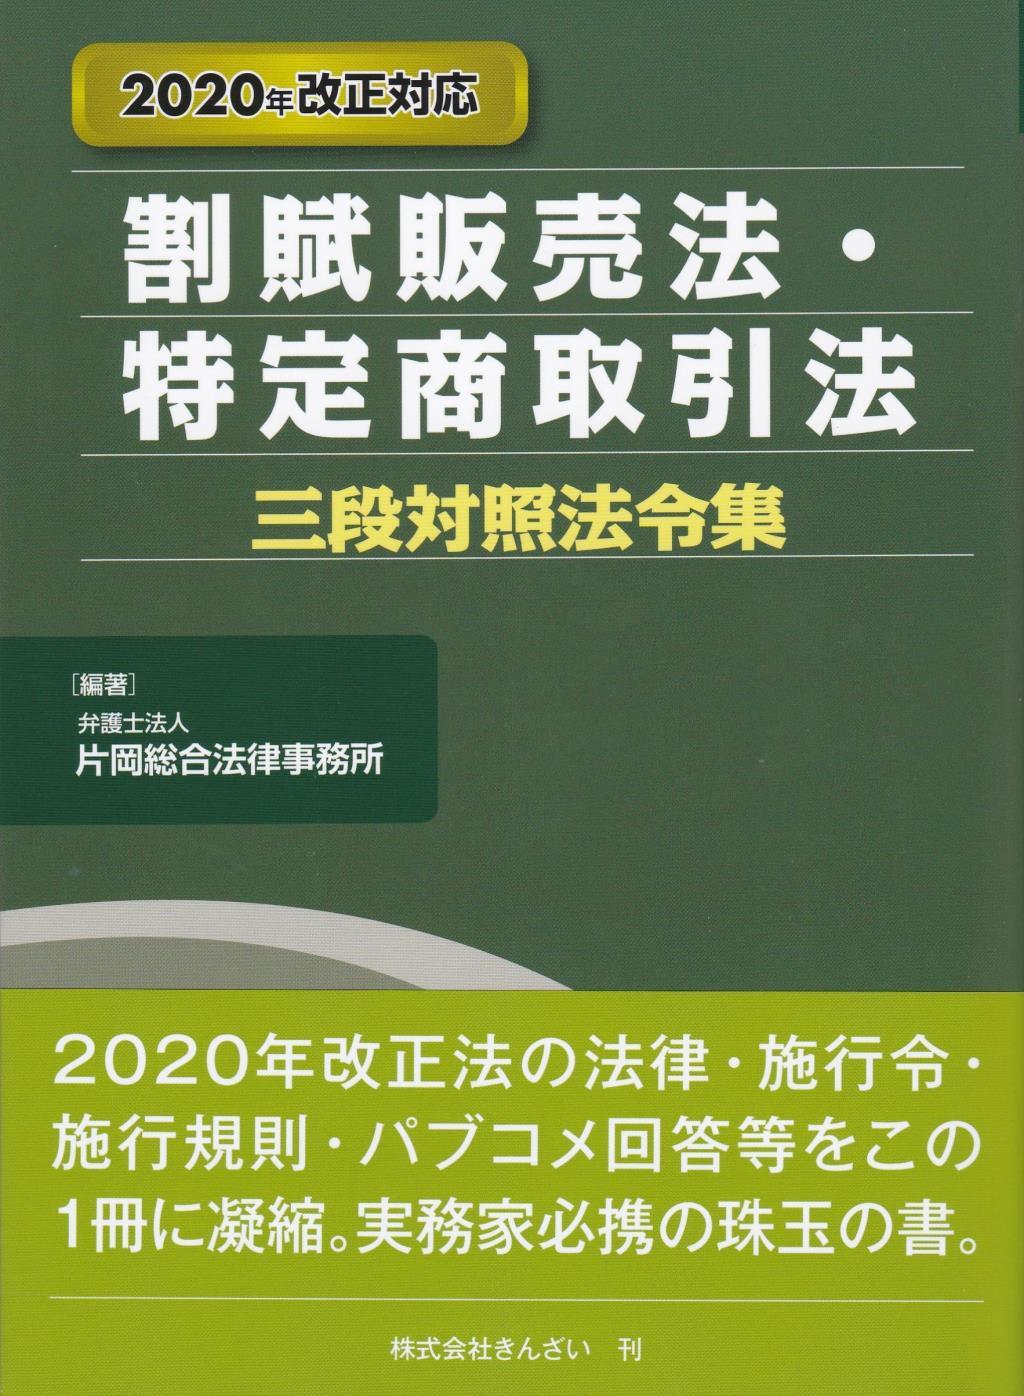 2020年改正対応 割賦販売法・特定商取引法三段対照法令集